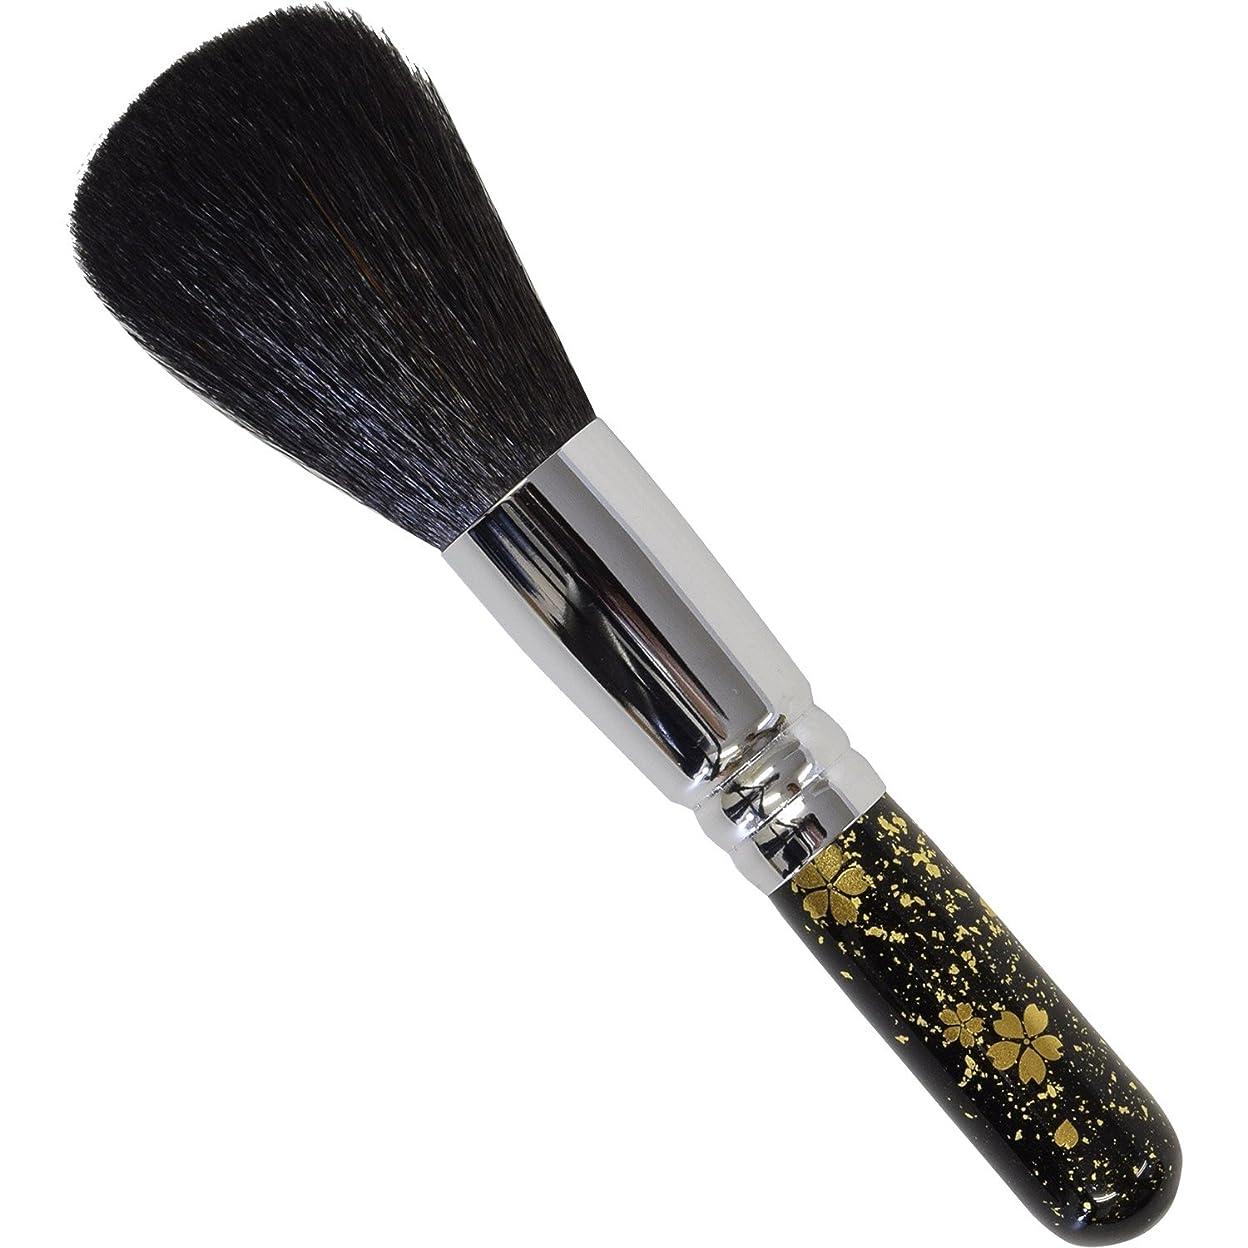 化学パーセント休暇kin3300 熊野筆 六角館さくら堂 金箔ふぶきパウダーブラシ 山羊毛100% 豪華金箔をあしらった軸 オリジナル化粧筆